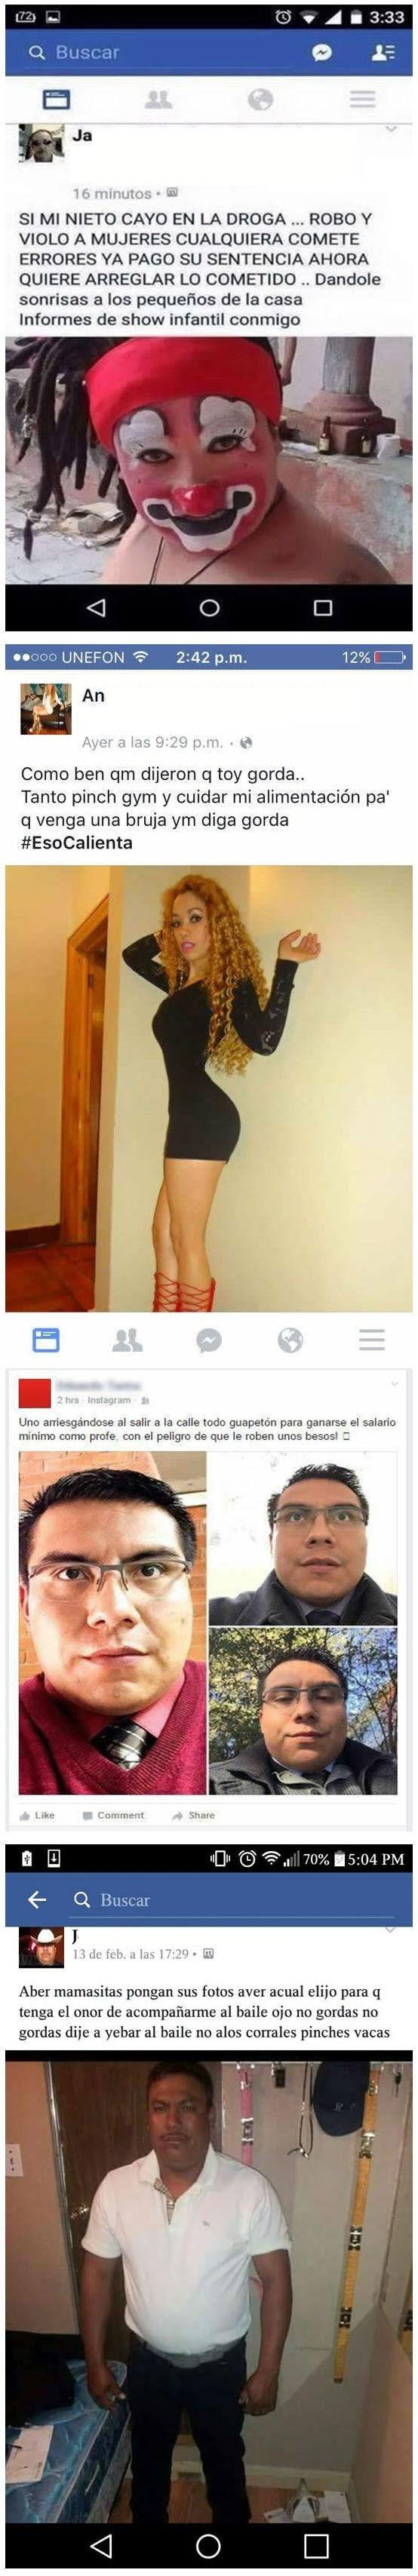 verdades en facebook